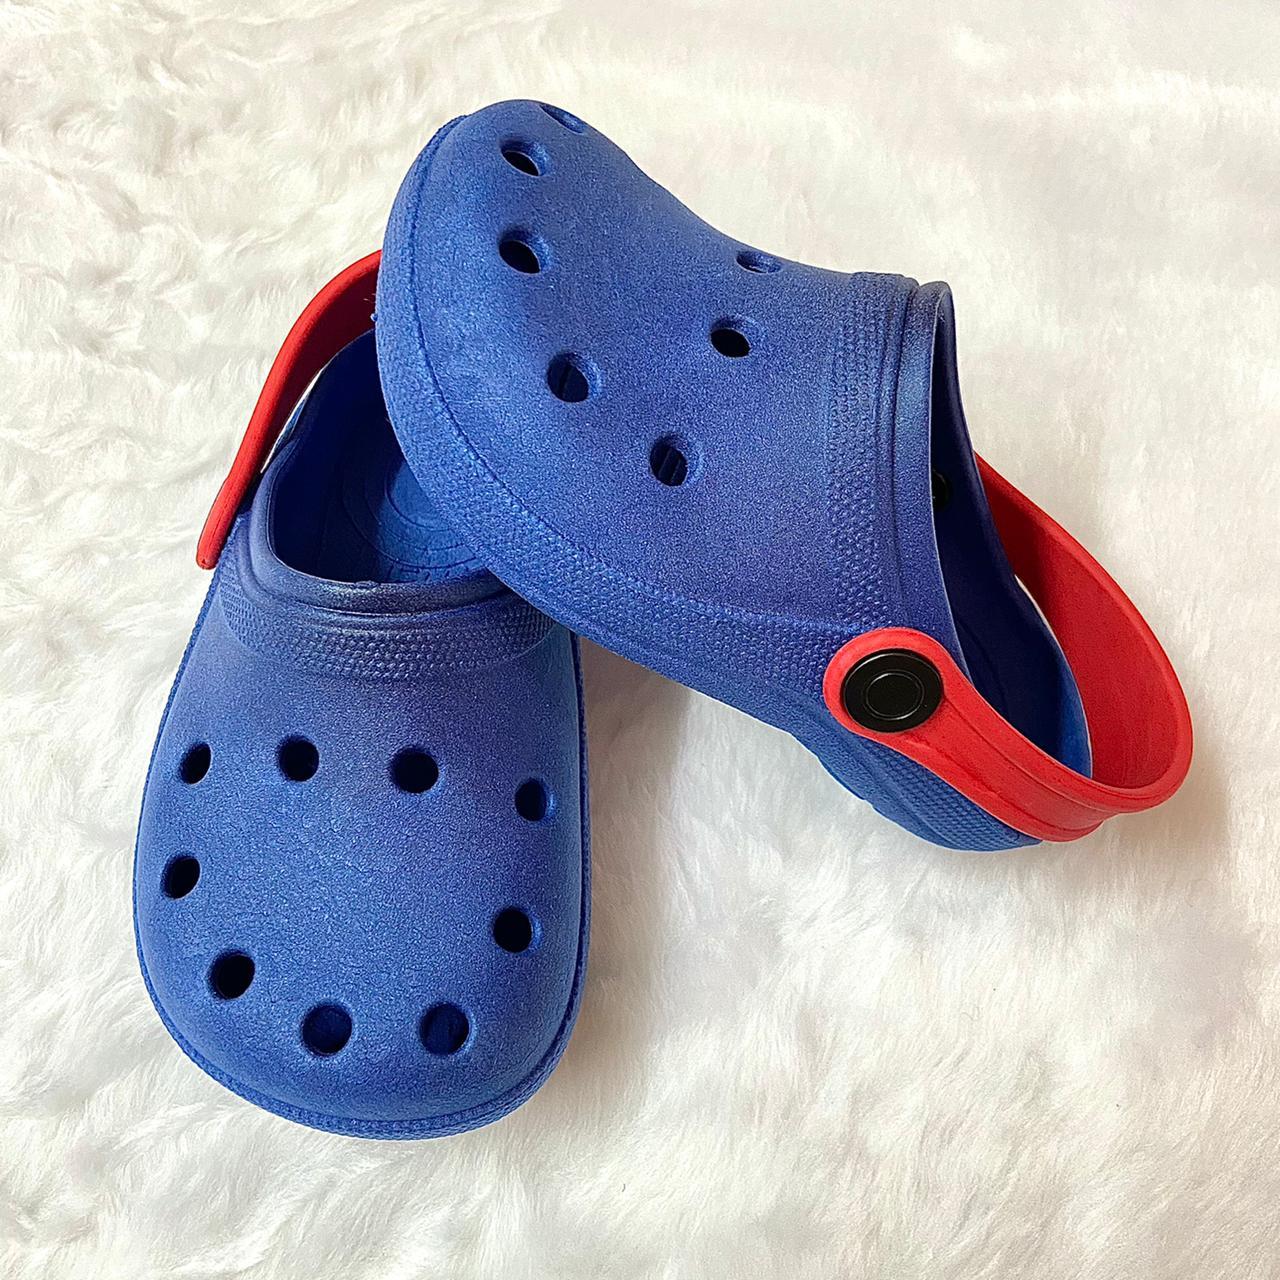 Sandália Crocs Babuche Azul Bic com Detalhe Vermelho